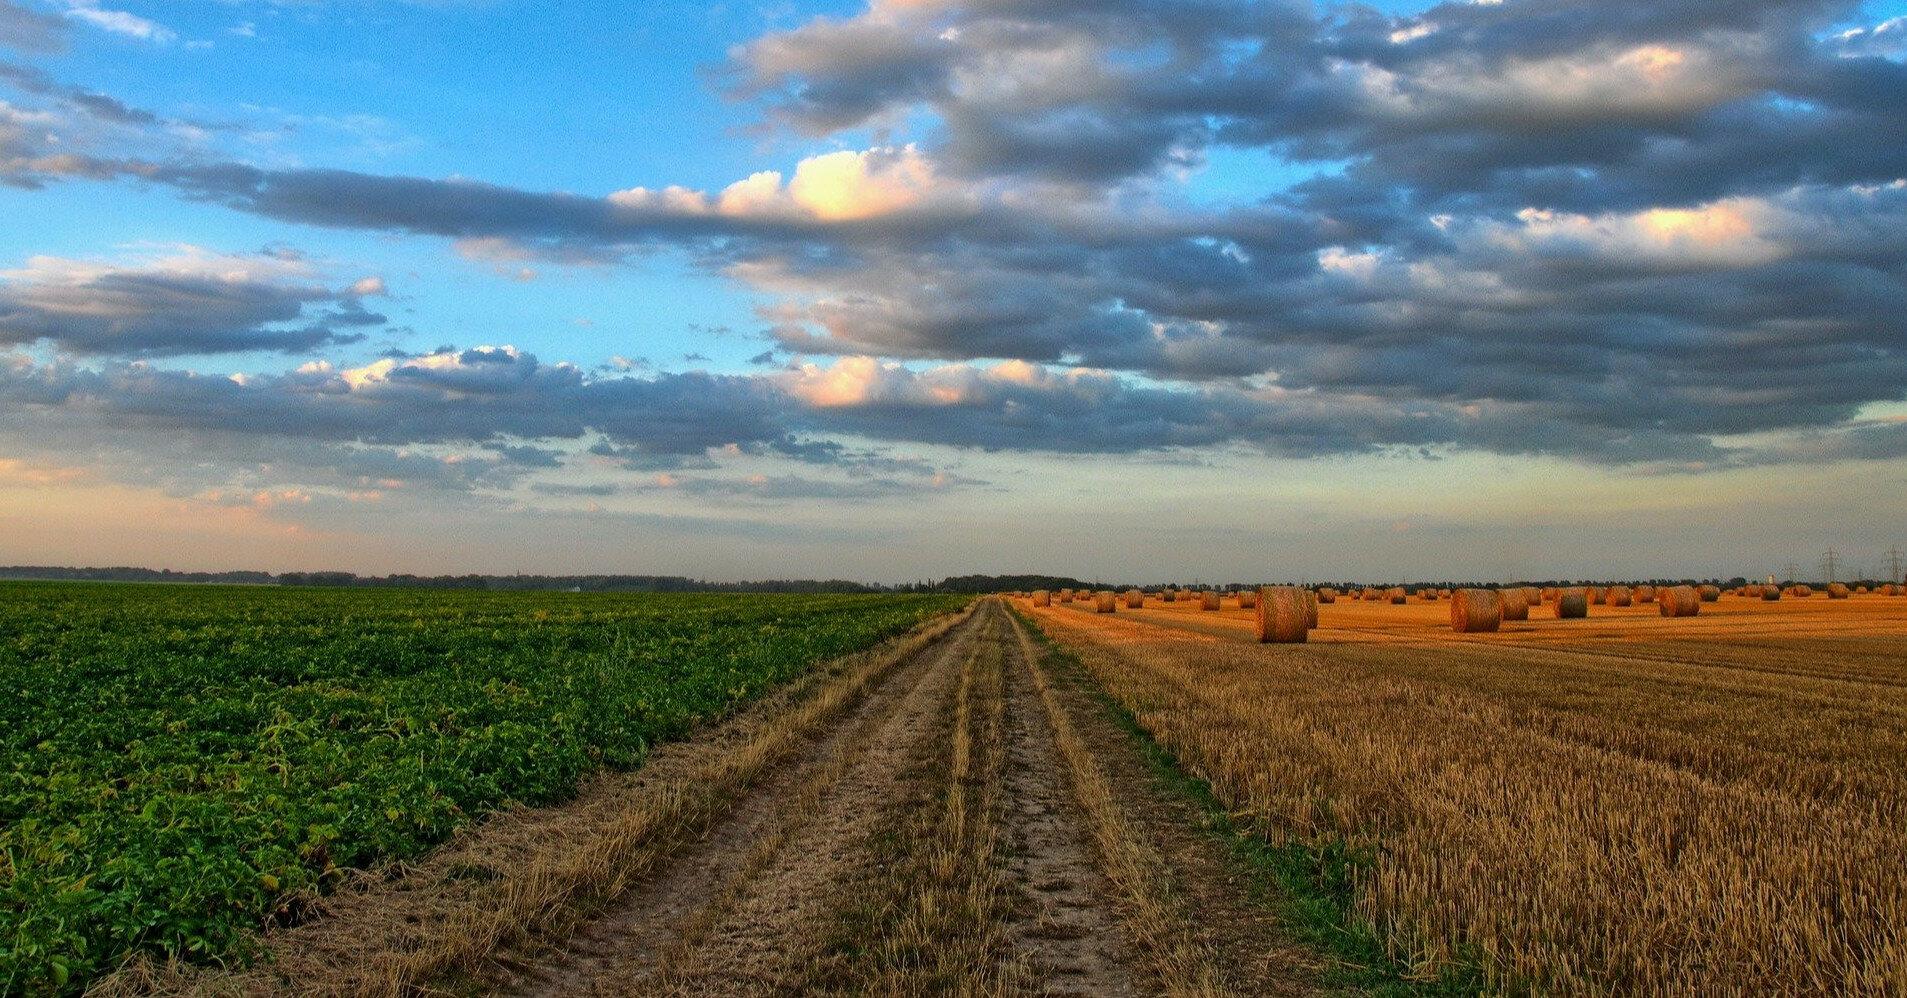 Цена на землю взлетит до $5000 за гектар